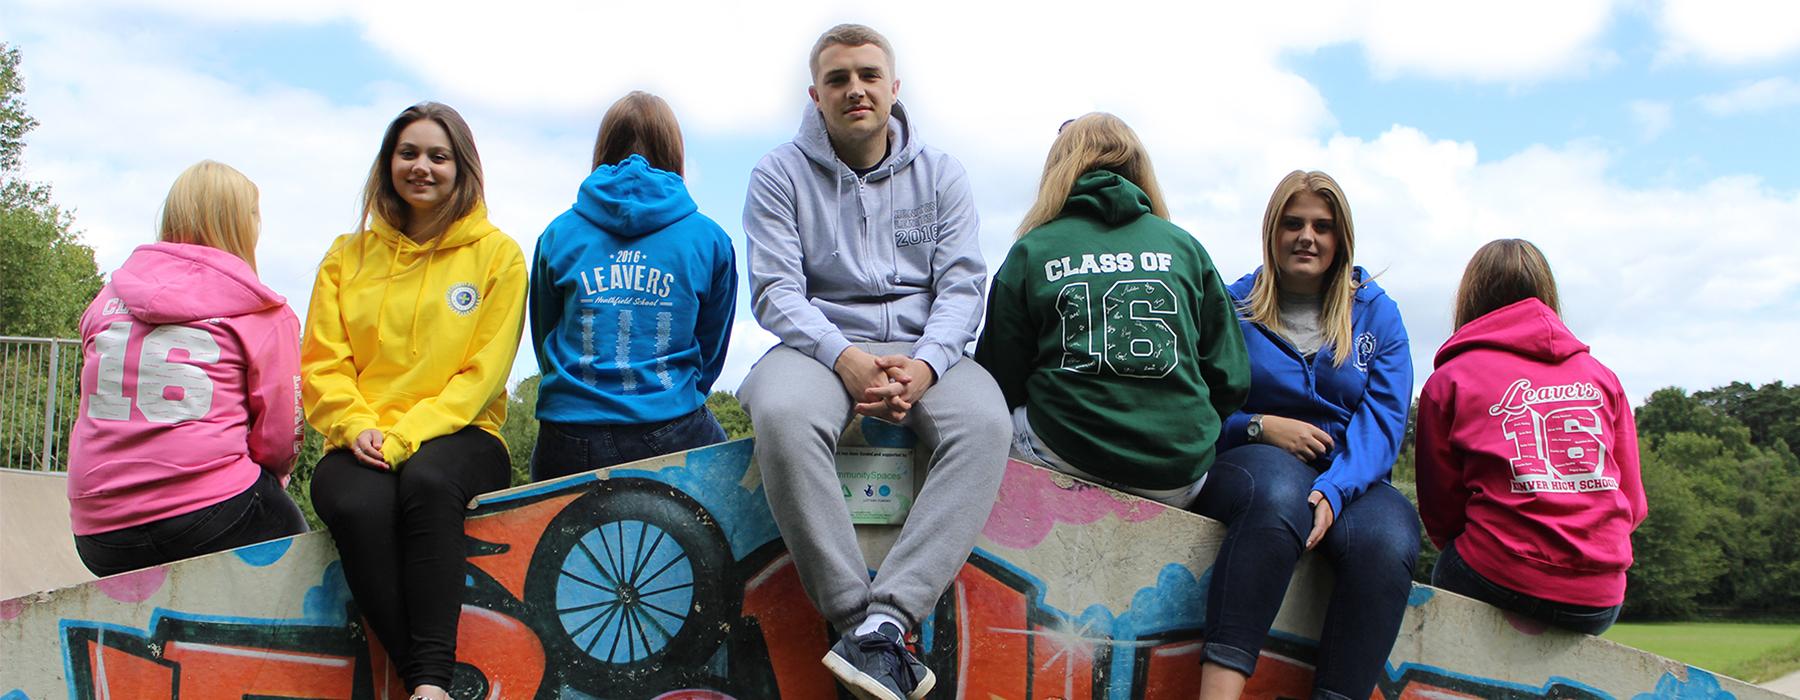 school leaver hoodies